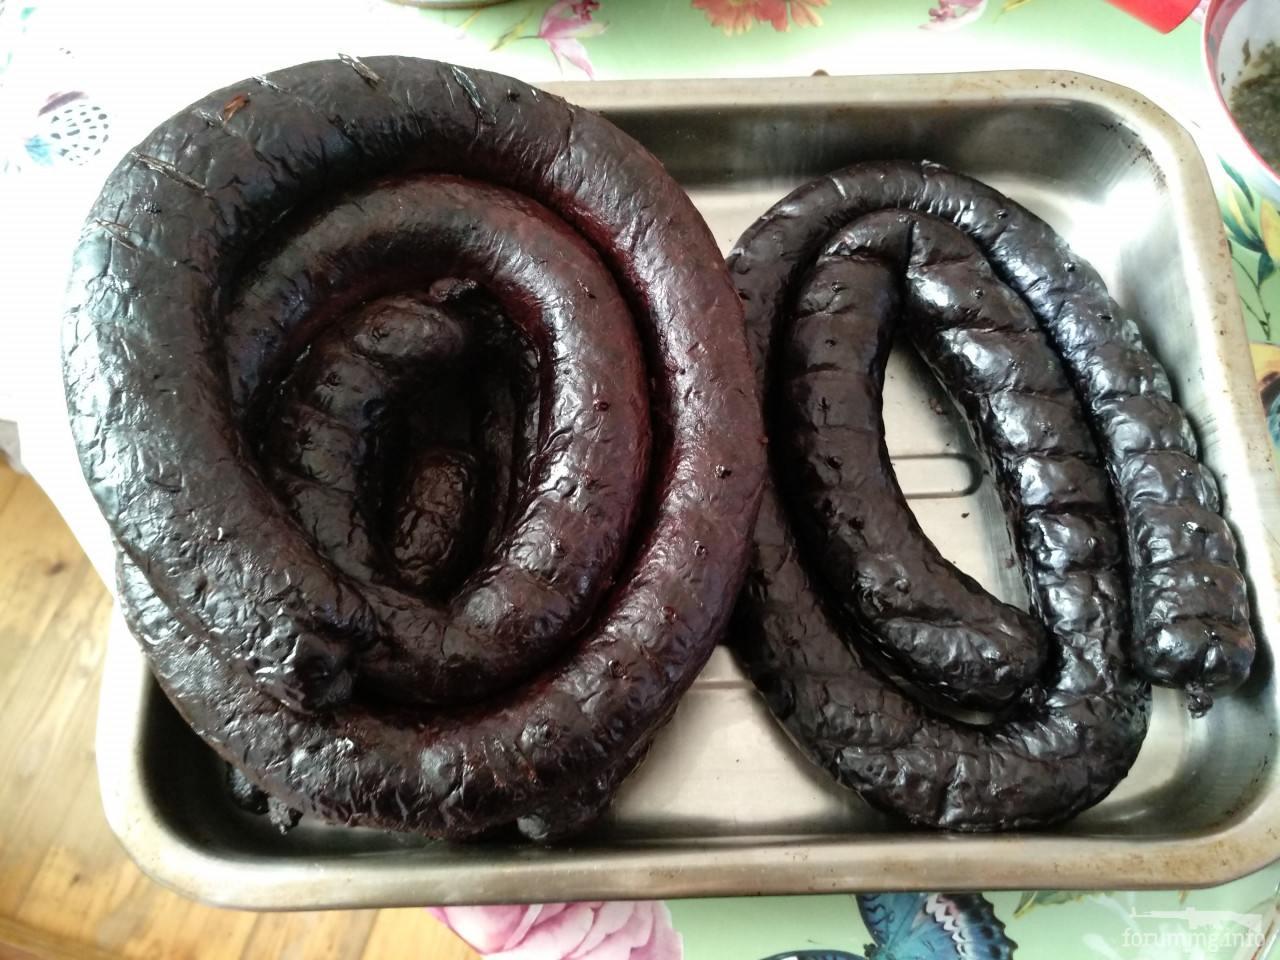 127916 - Закуски на огне (мангал, барбекю и т.д.) и кулинария вообще. Советы и рецепты.